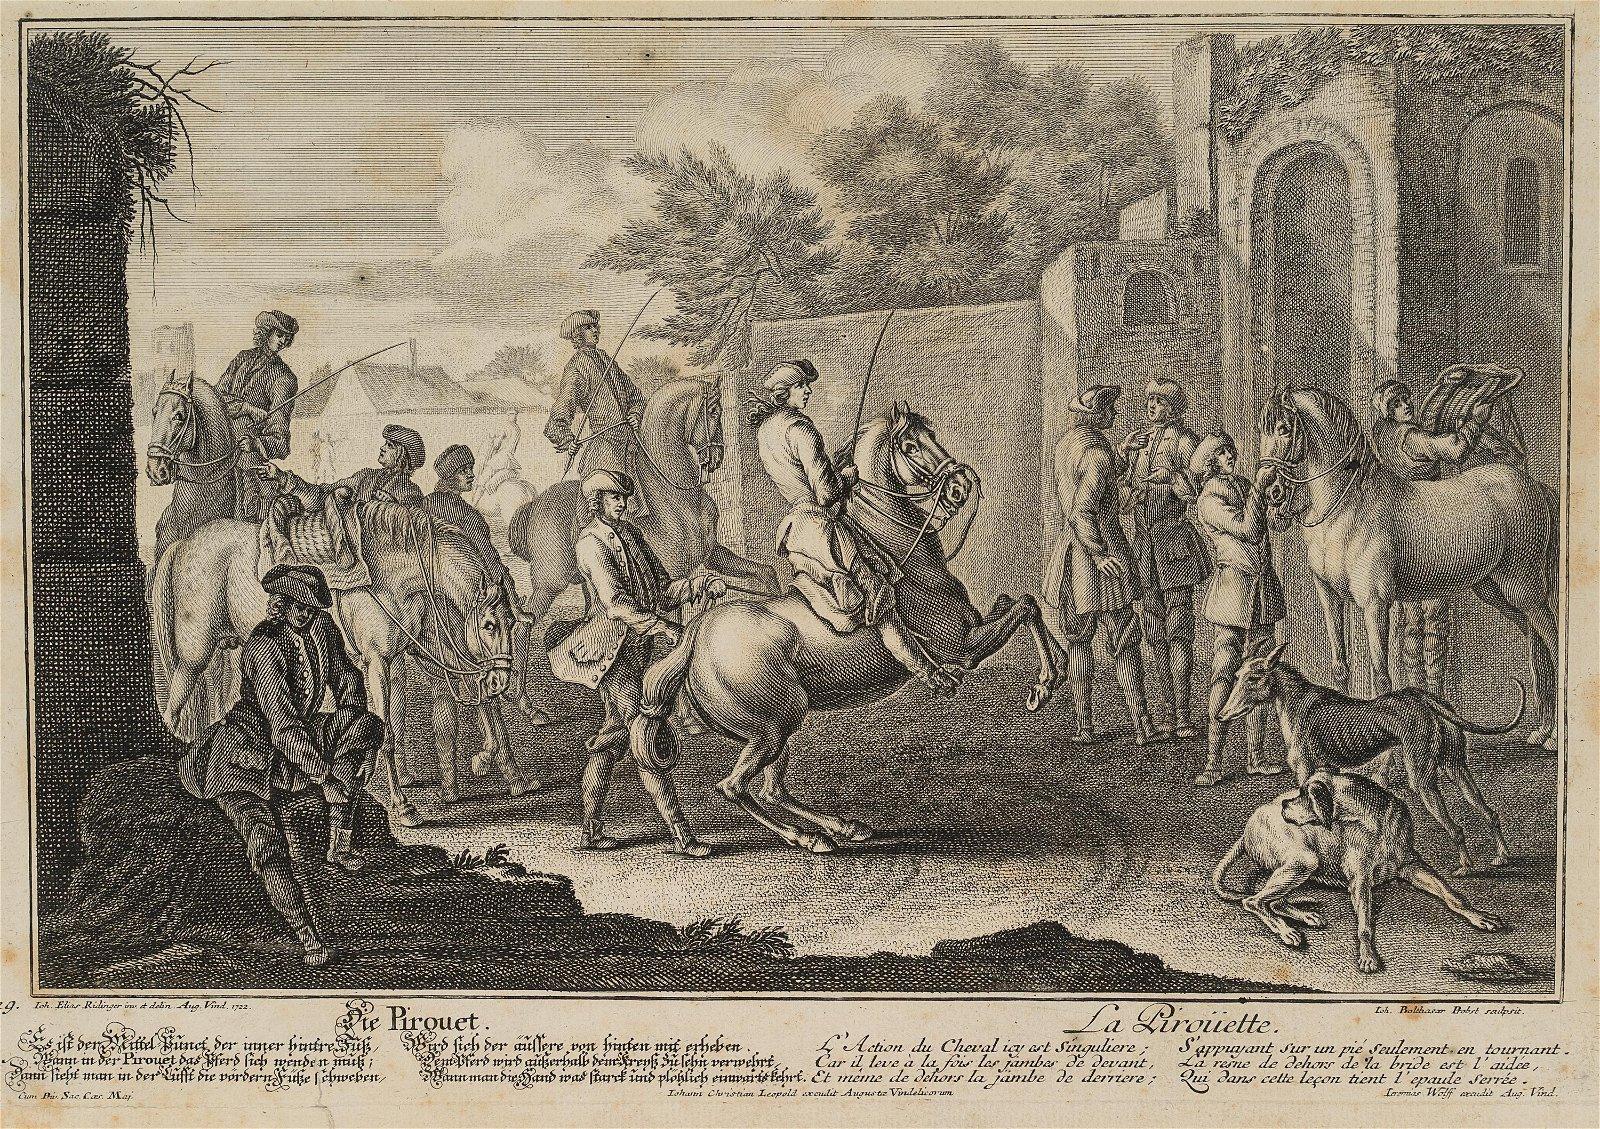 J.PROBST(*1673) after Ridinger, New horsemanship,